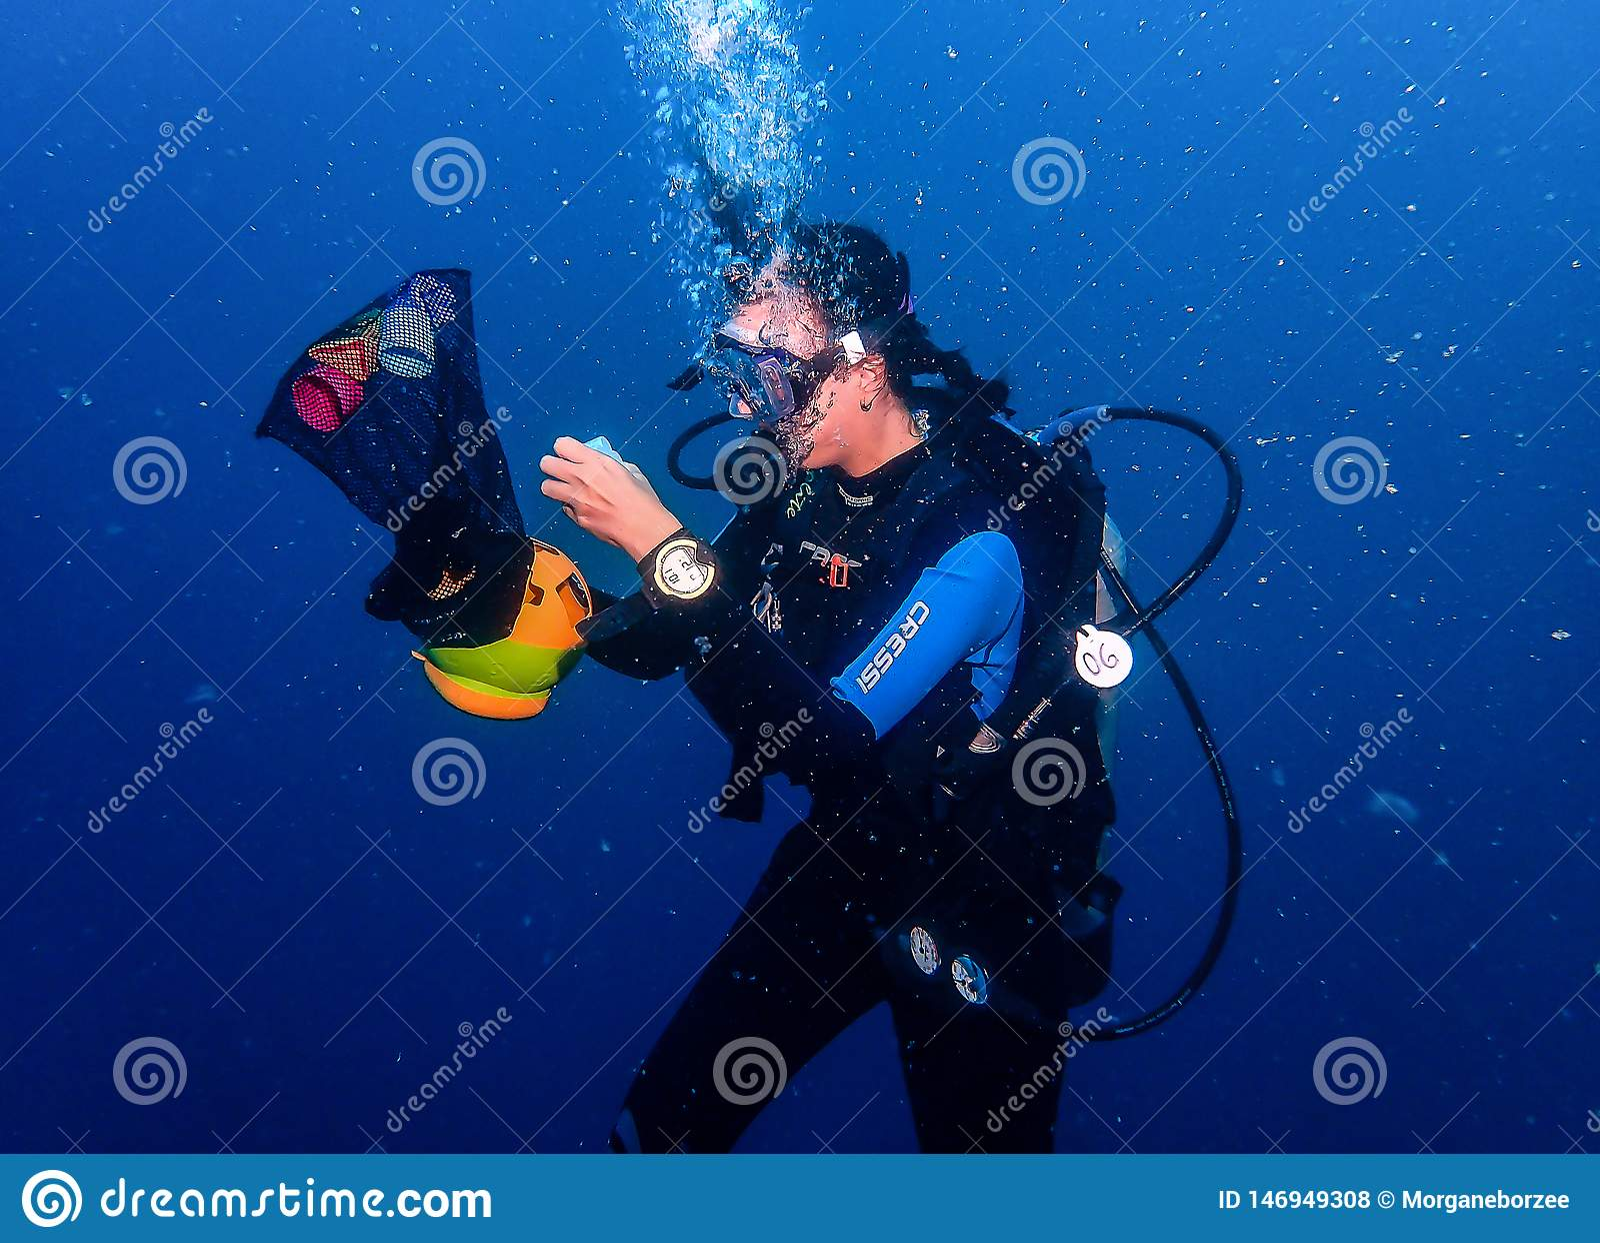 Θηλυκός δύτης σκαφάνδρων υποβρύχιος εκτελώντας μια άσκηση επιδεξιότητας